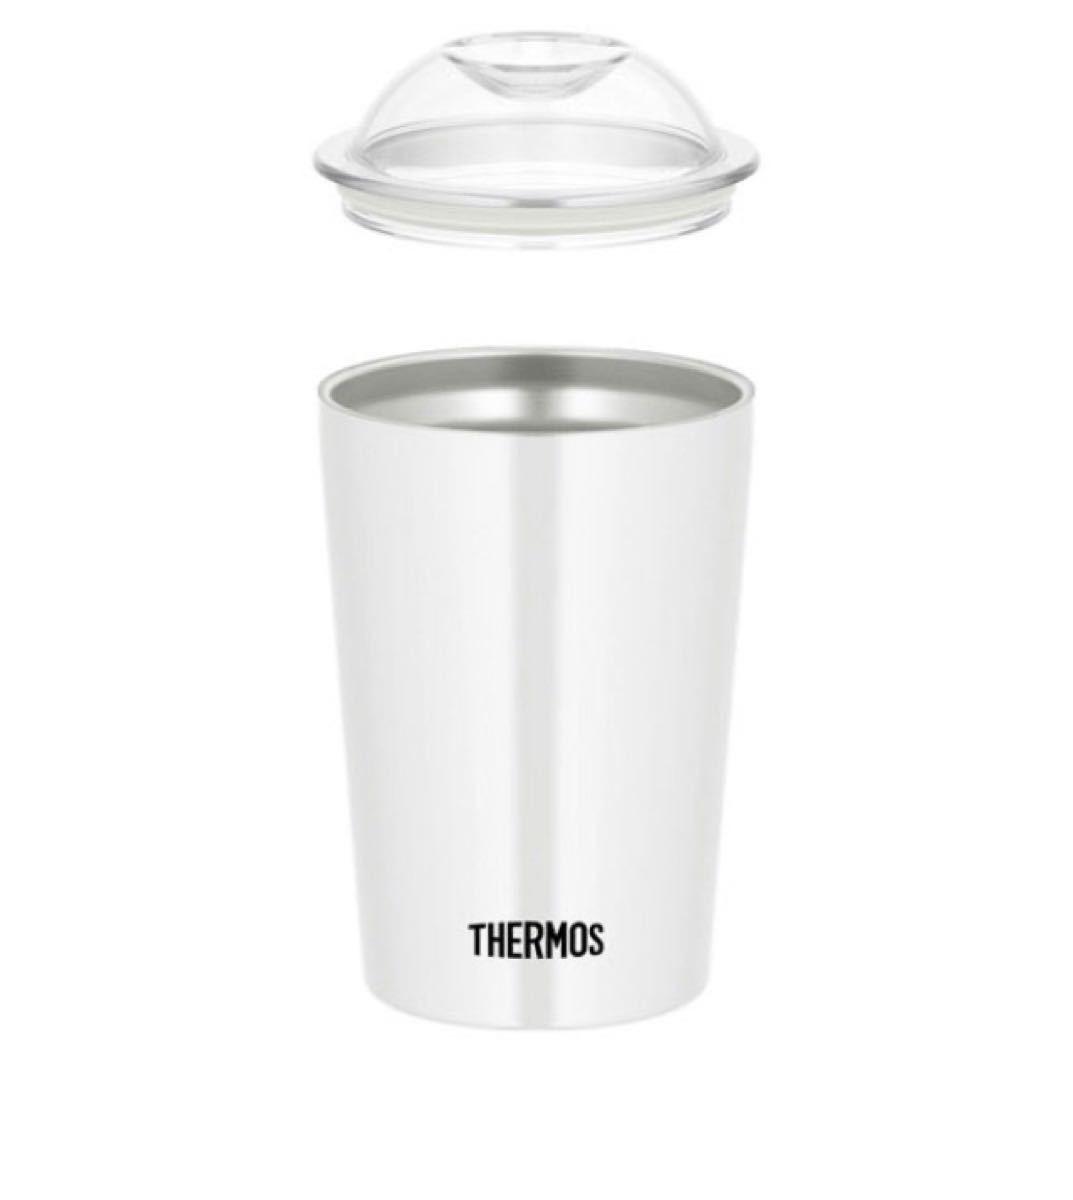 ★期間限定お値下げ THERMOS 真空断熱 保冷ストローカップ ホワイト タンブラー一点